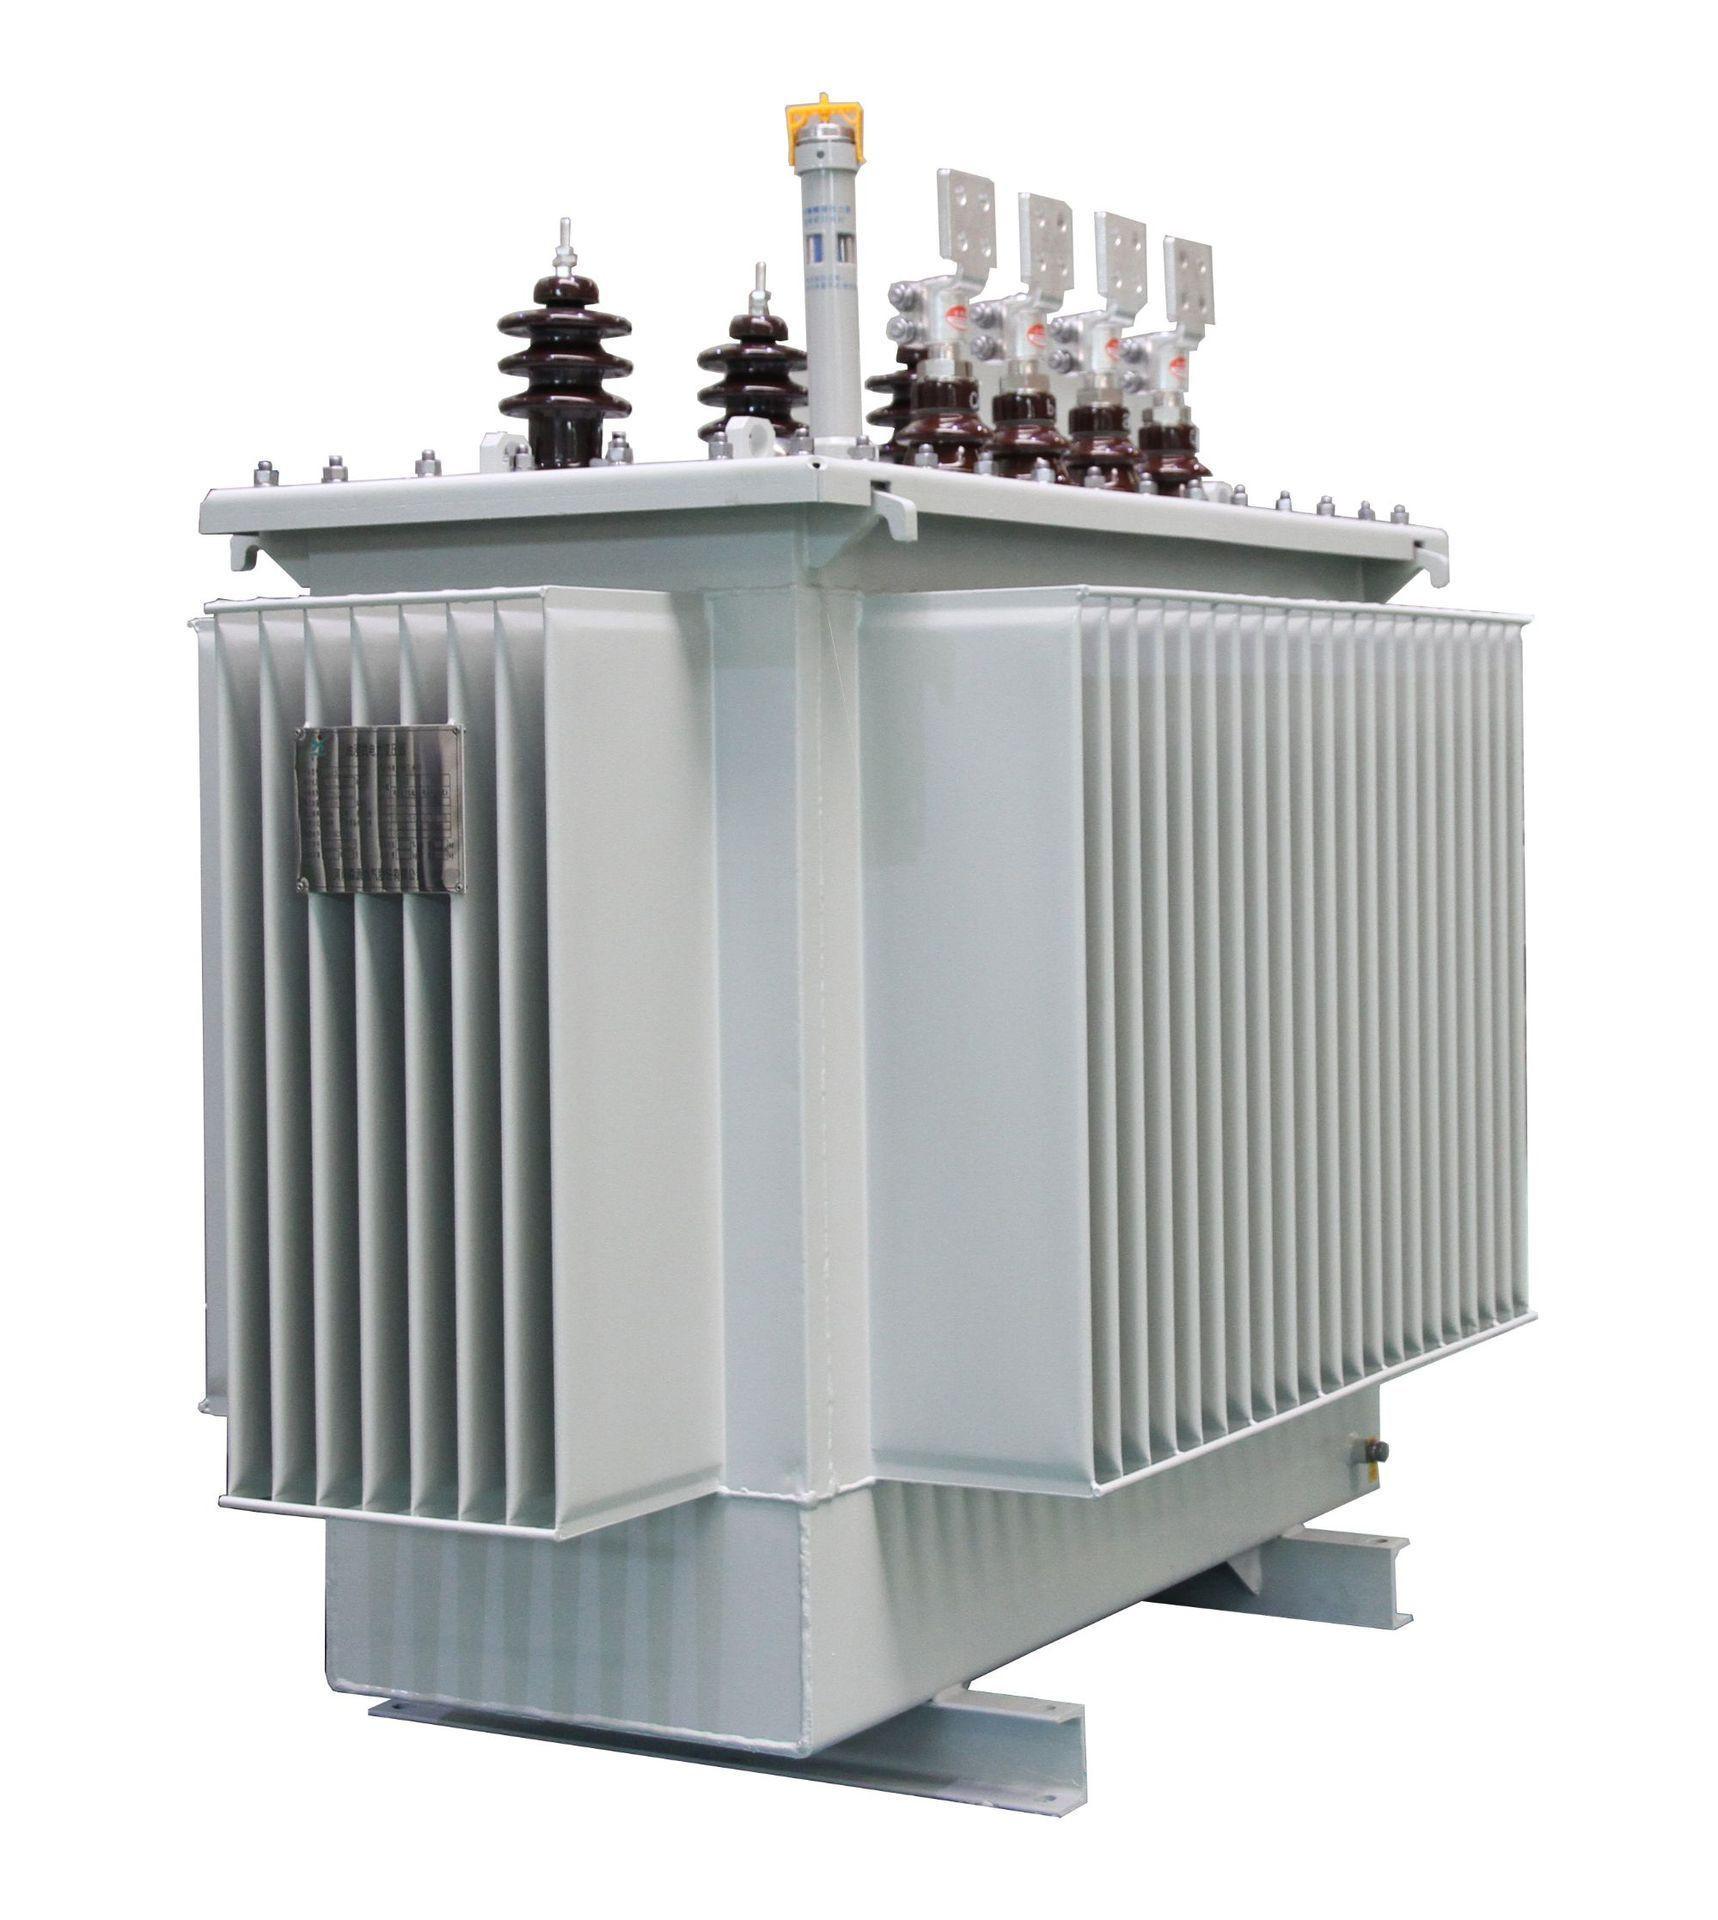 Power Supply 6.6kv, 11kv 22kv 33kv to 0.4kv Oil-Immersed Transformer